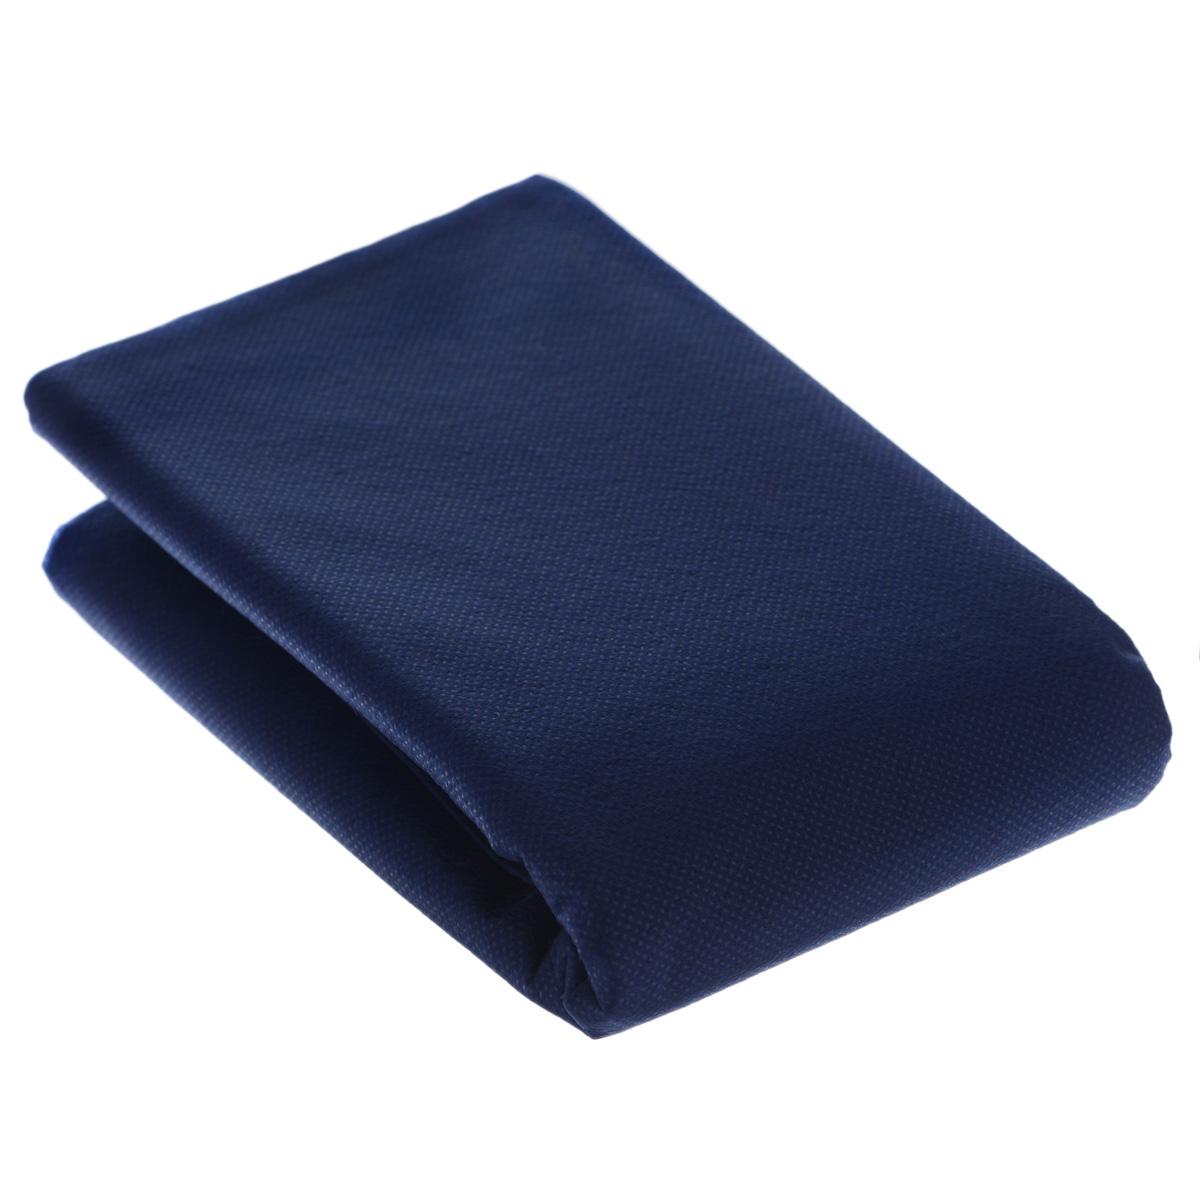 Скатерть Boyscout, прямоугольная, цвет в ассортименте, 140 x 110 см клеймо для барбекю boyscout наборное 9 x 4 см